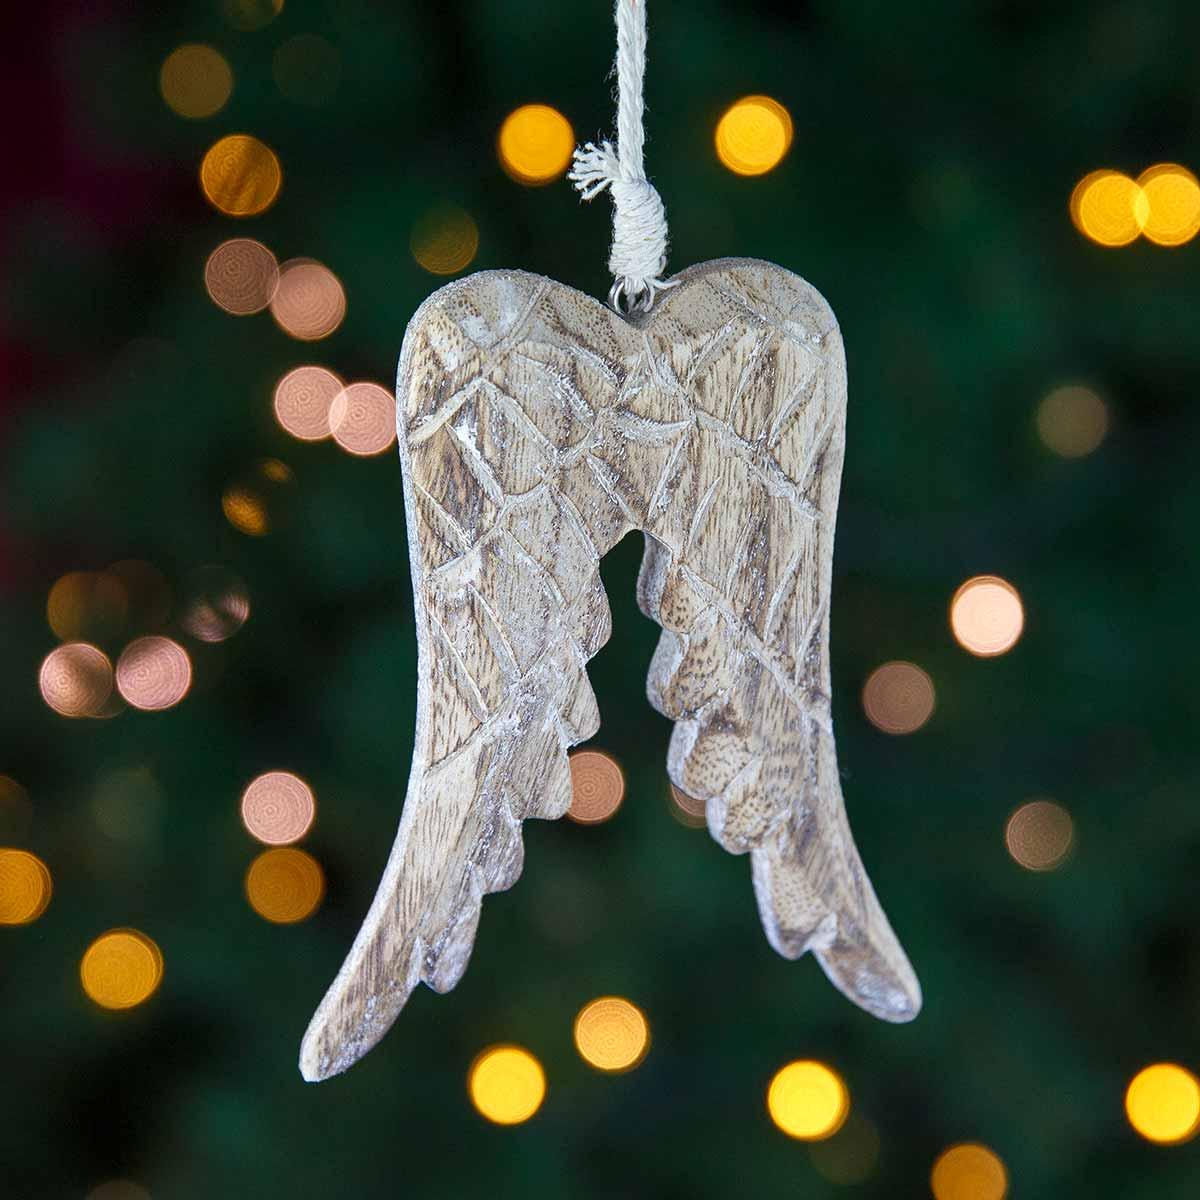 Ξύλινο στολίδι με φτερά αγγέλου, ύψους 12cm